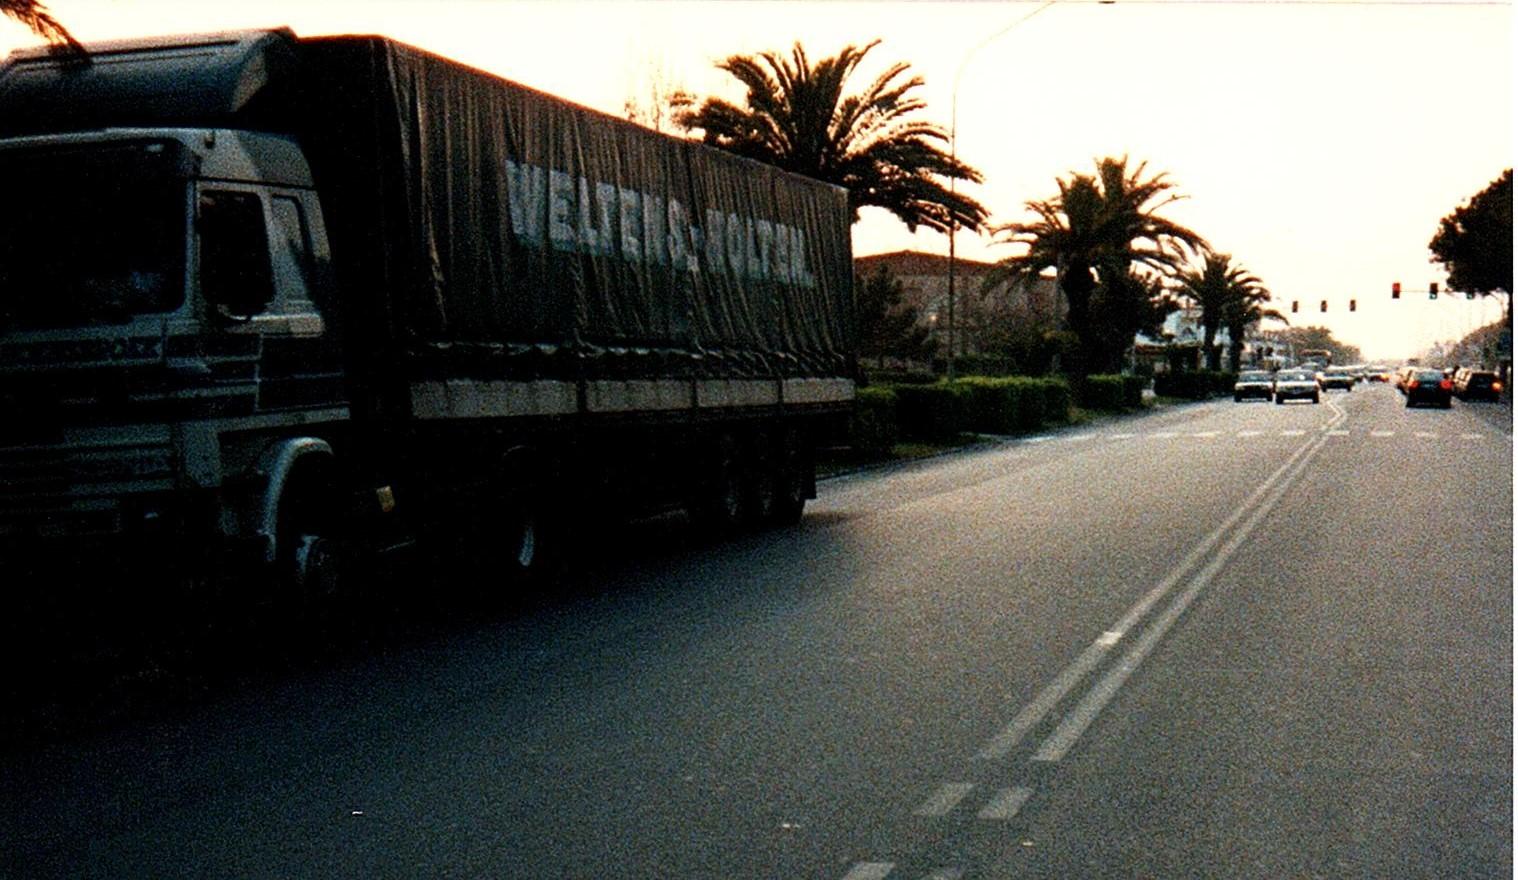 Bert-met-de-Scania-vakantie-vieren-in-Italie-36